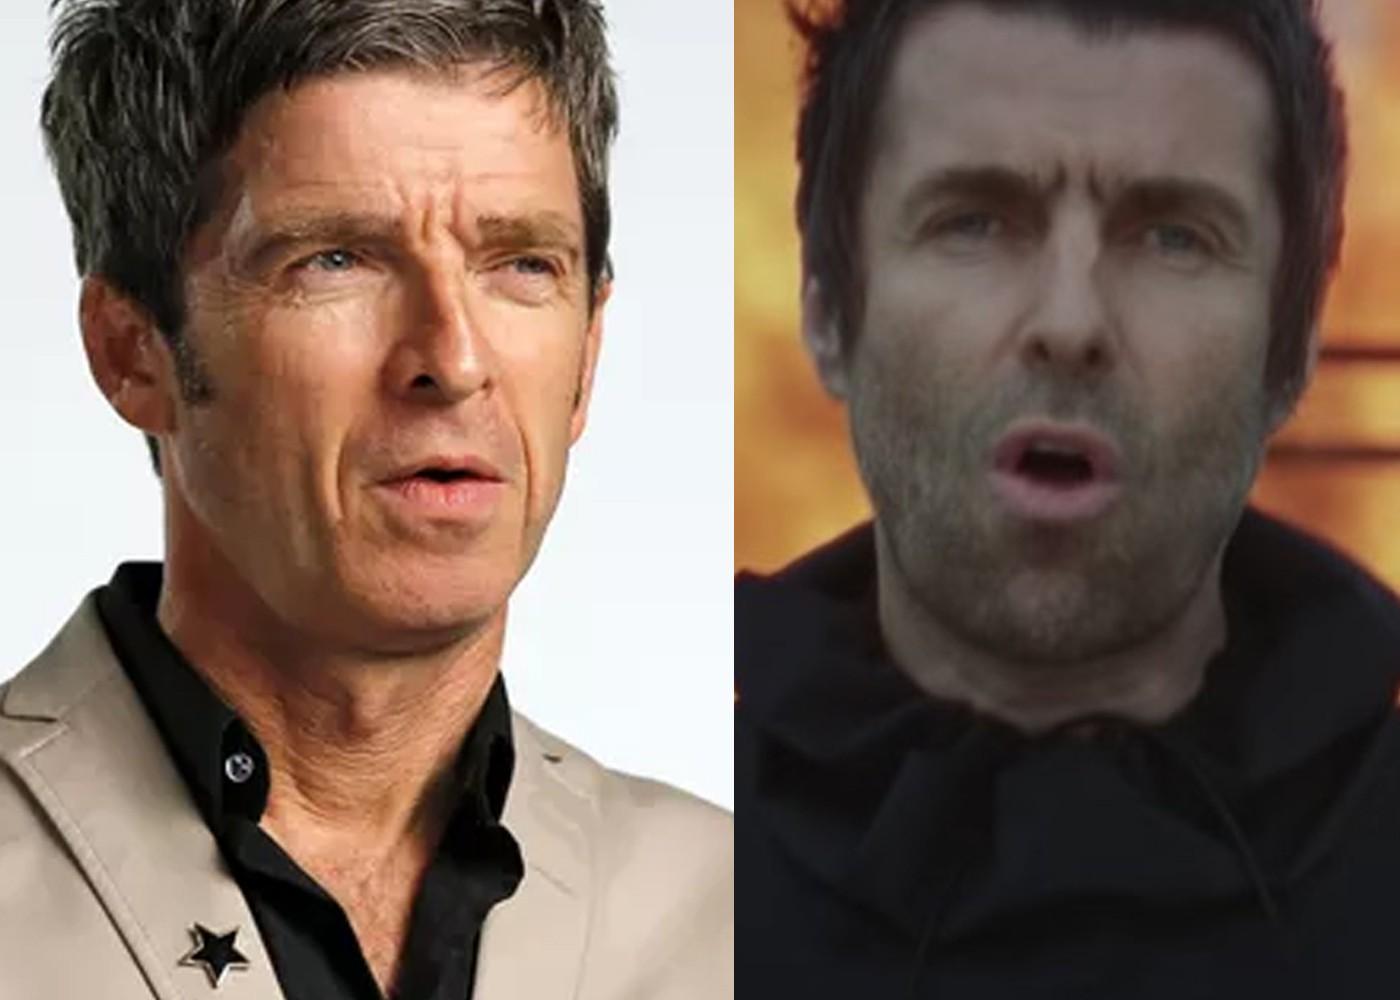 Inimigos pontuais: Noel e Liam Gallagher promovem rixa com lançamentos sincronizados - Notícias - Plantão Diário